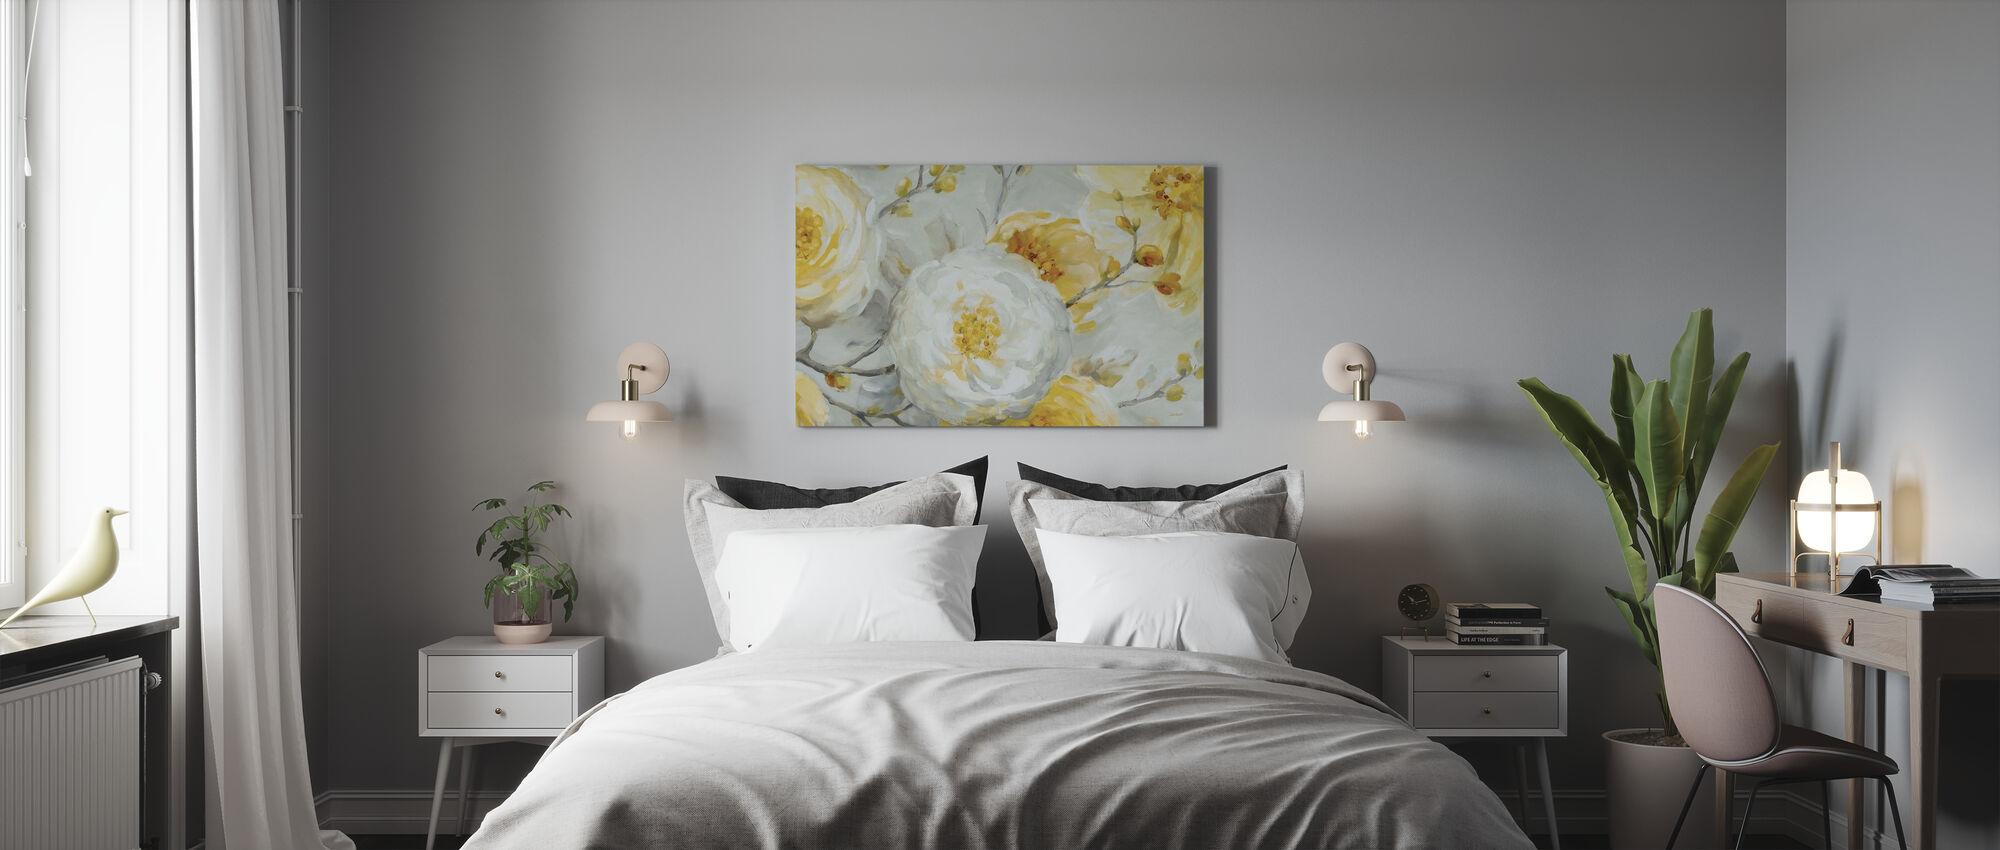 Zonneschijn - Canvas print - Slaapkamer